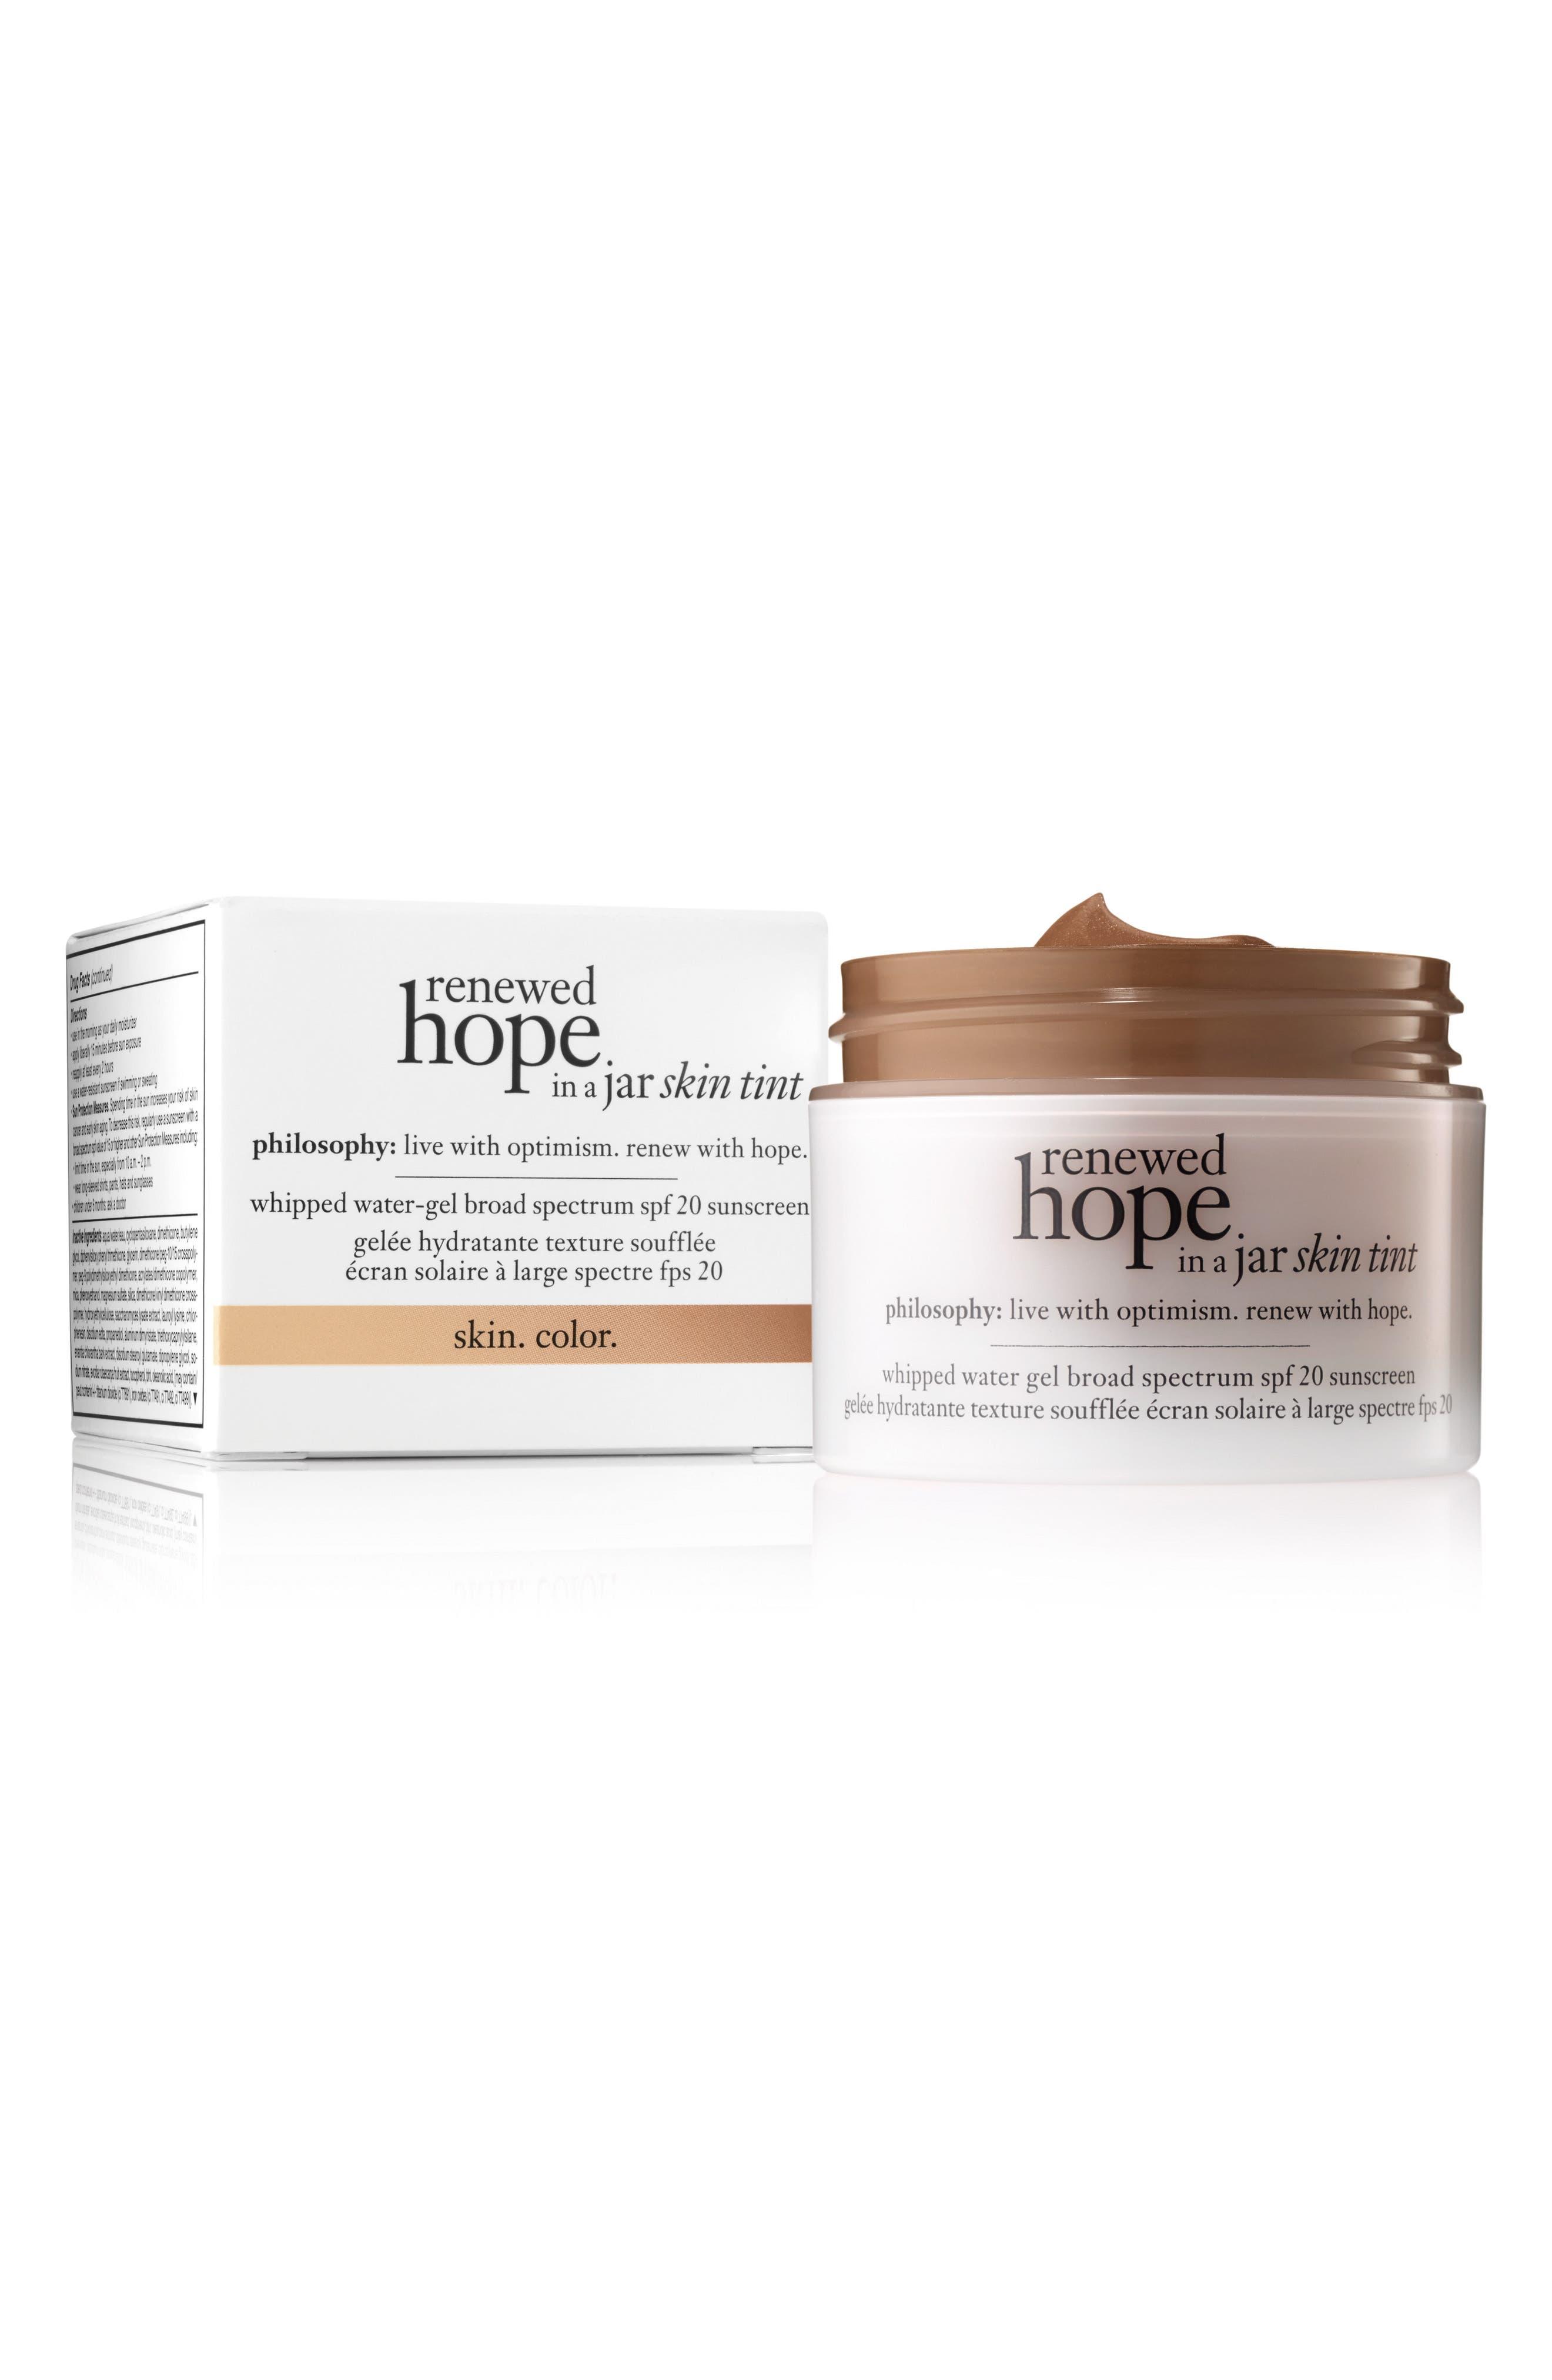 Alternate Image 1 Selected - philosophy renewed hope in a jar skin tint